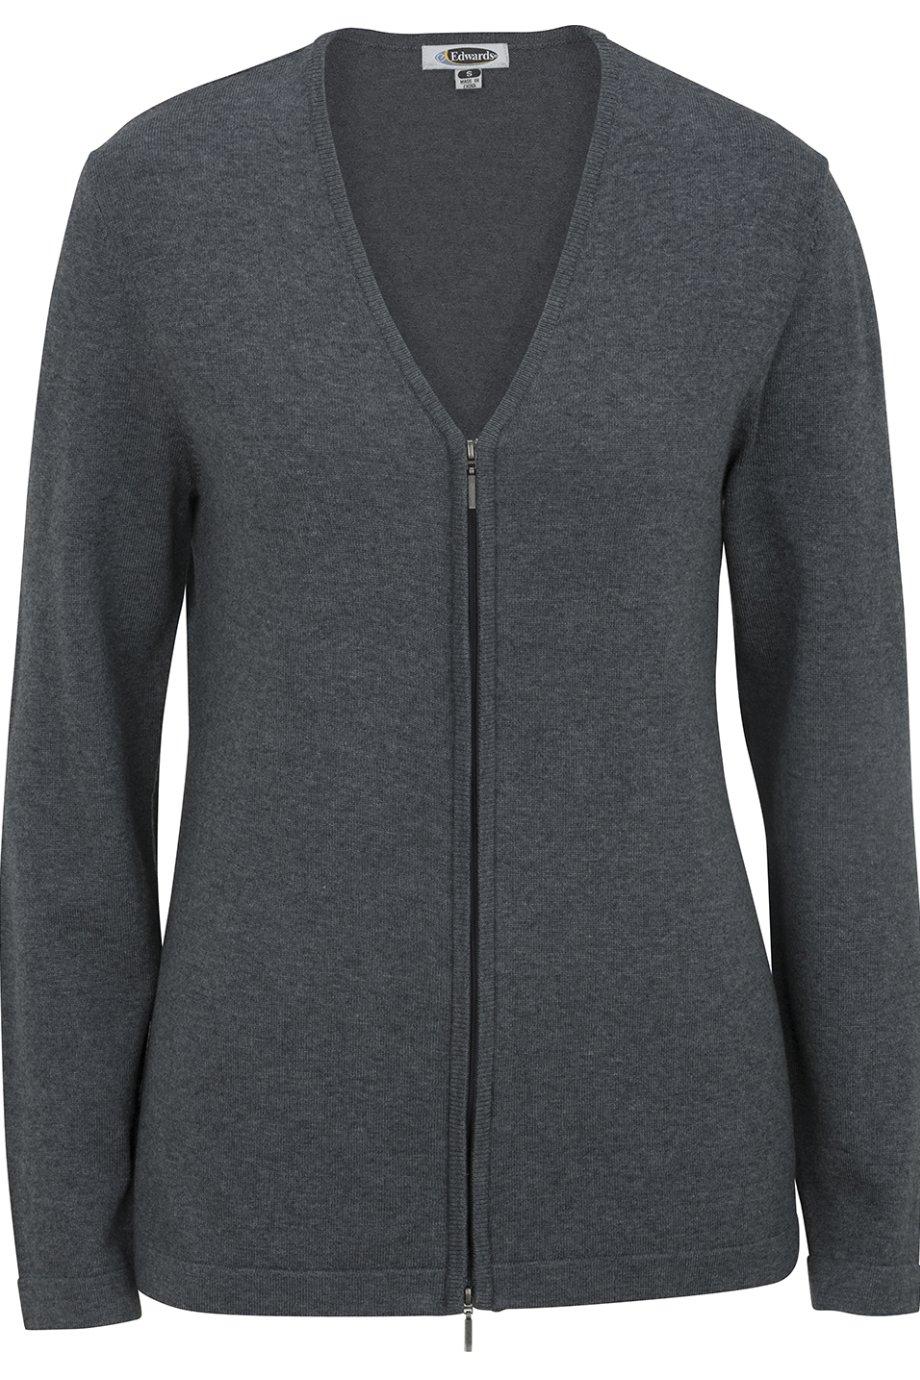 Edwards Women's Full Zip V-Neck Cardigan Sweater, Smoke Heather, Large